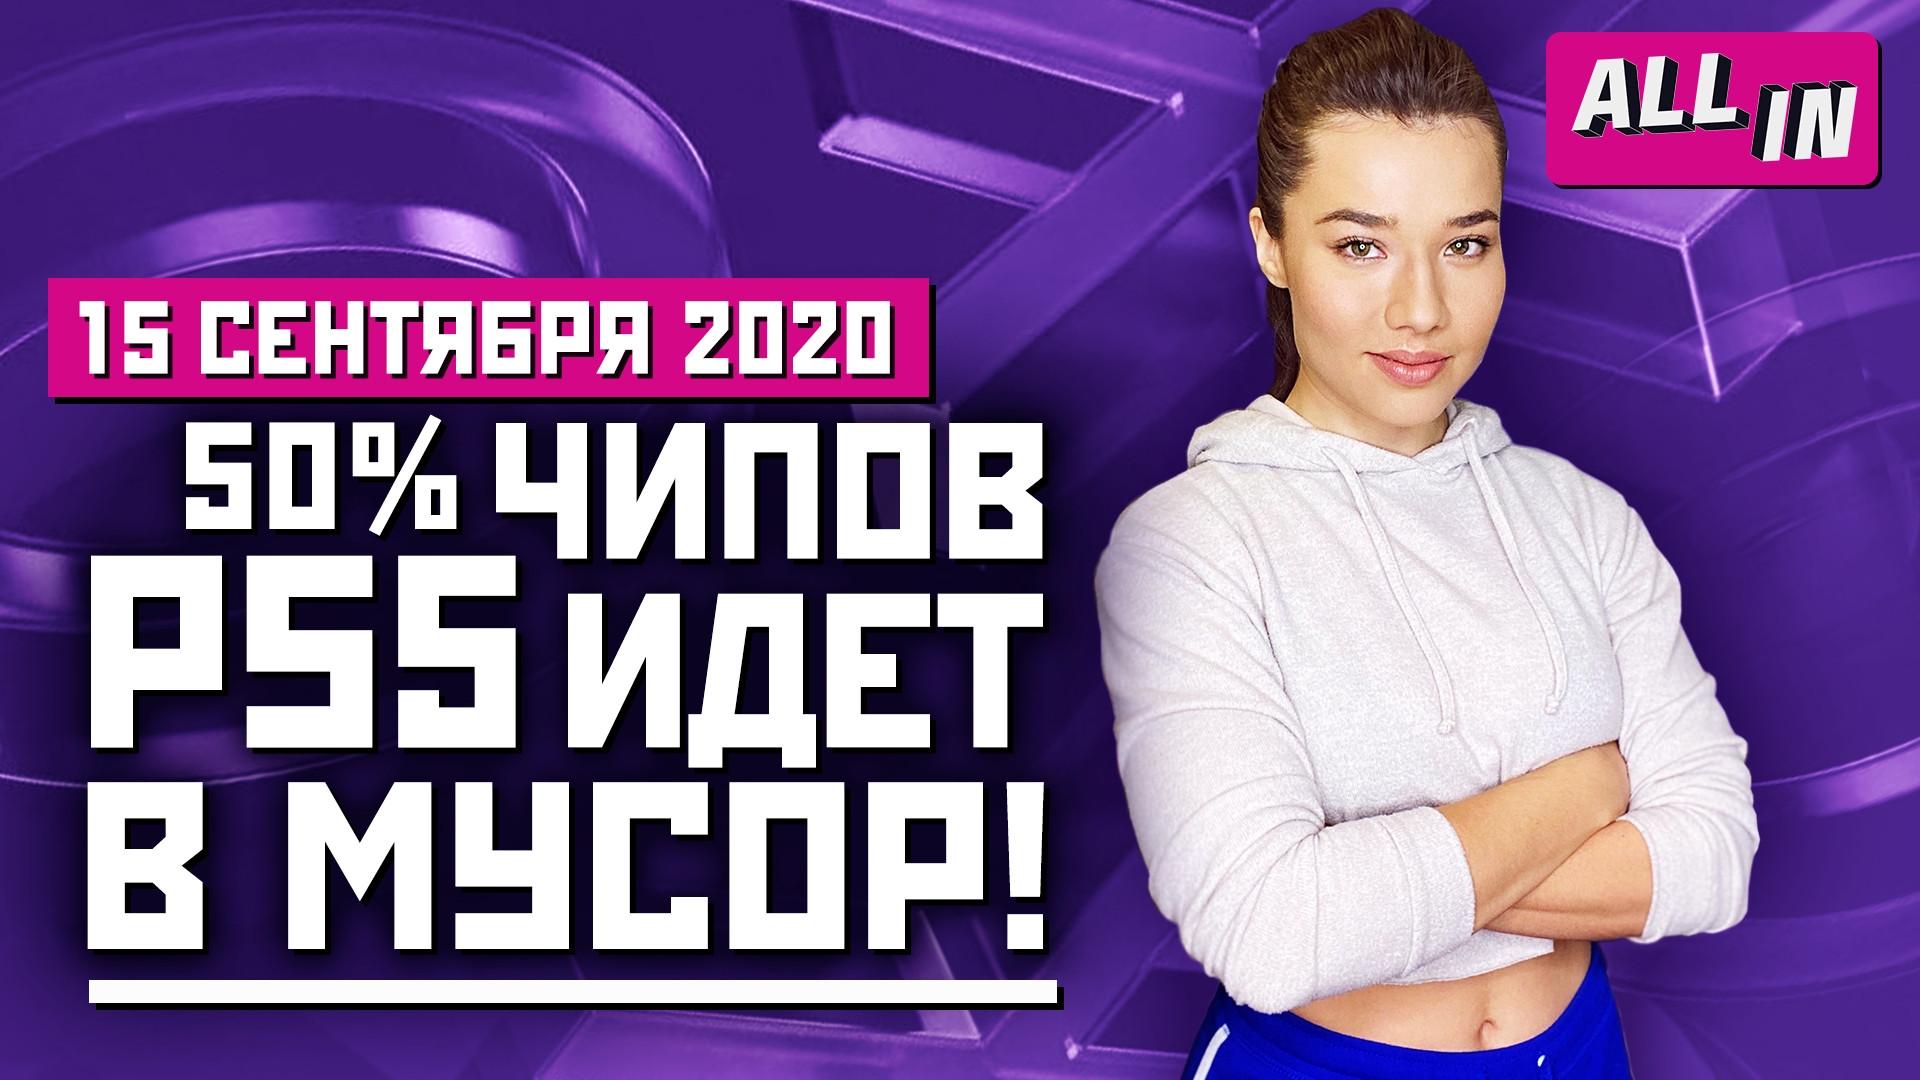 Трофеи Cyberpunk 2077, проблемы PlayStation5, разработка GTA6. Игровые новости ALL IN15.09